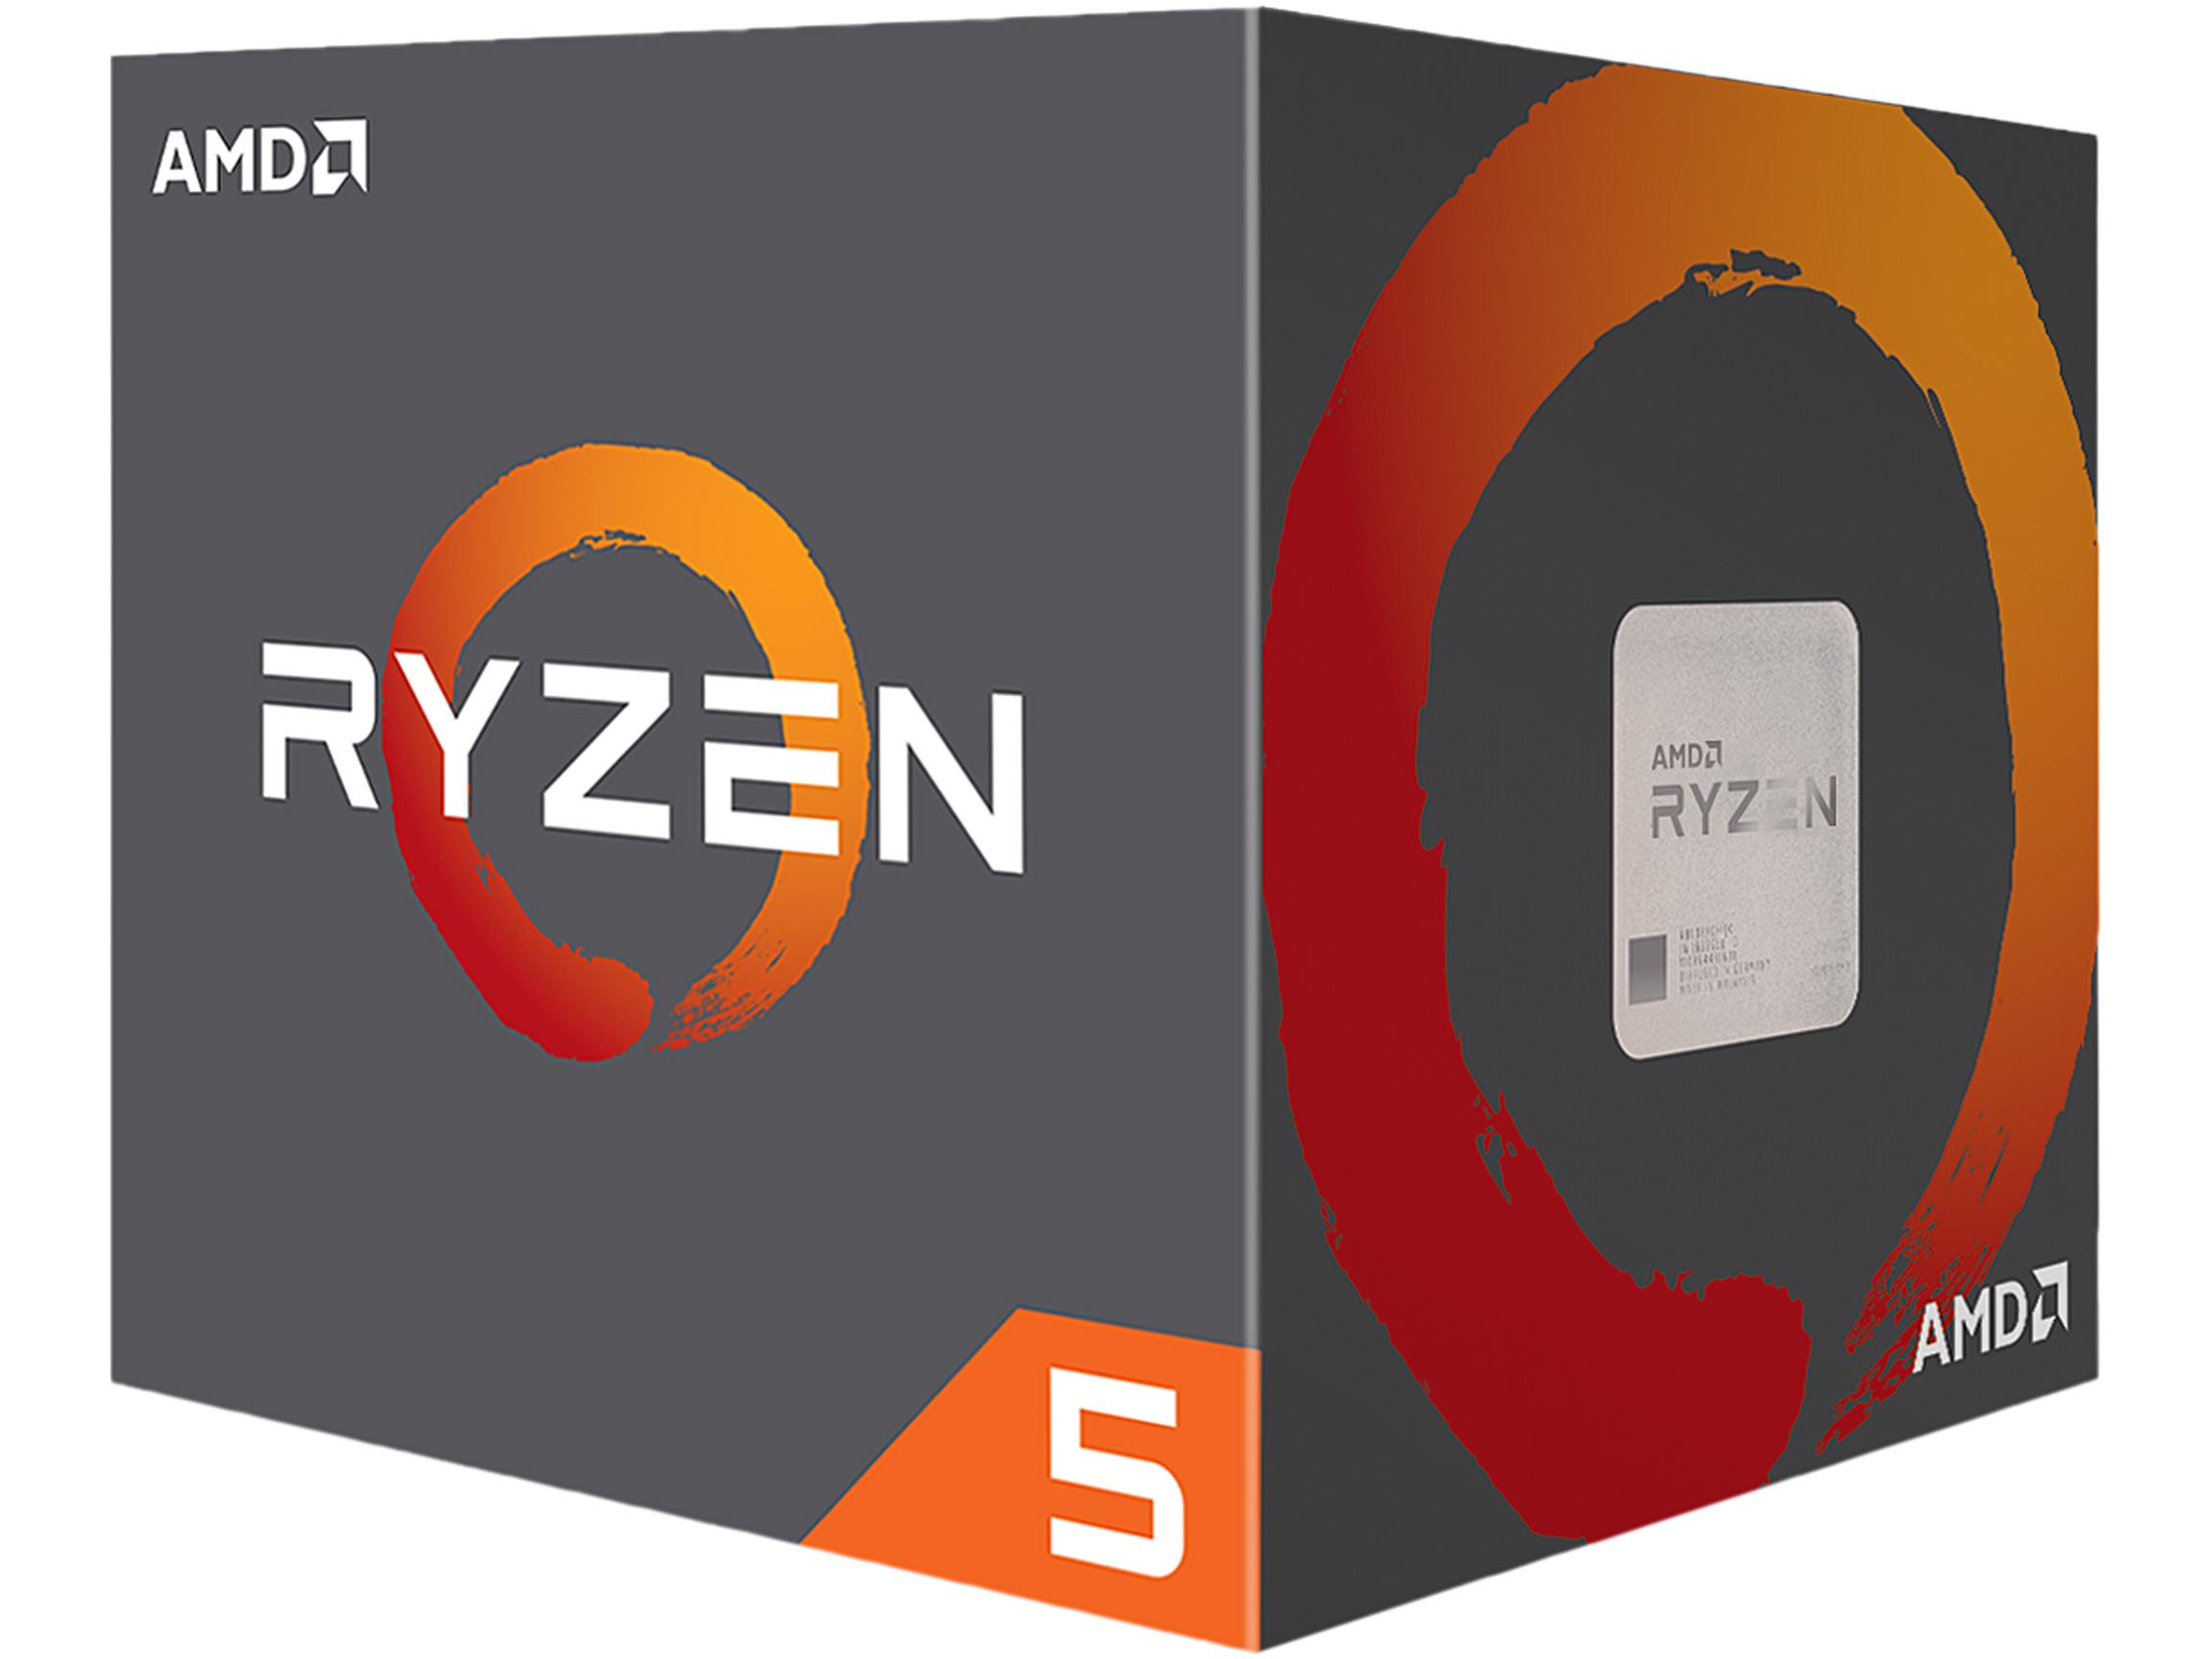 AMD RYZEN 5 2600 6-Core 3.4 GHz Desktop Processor